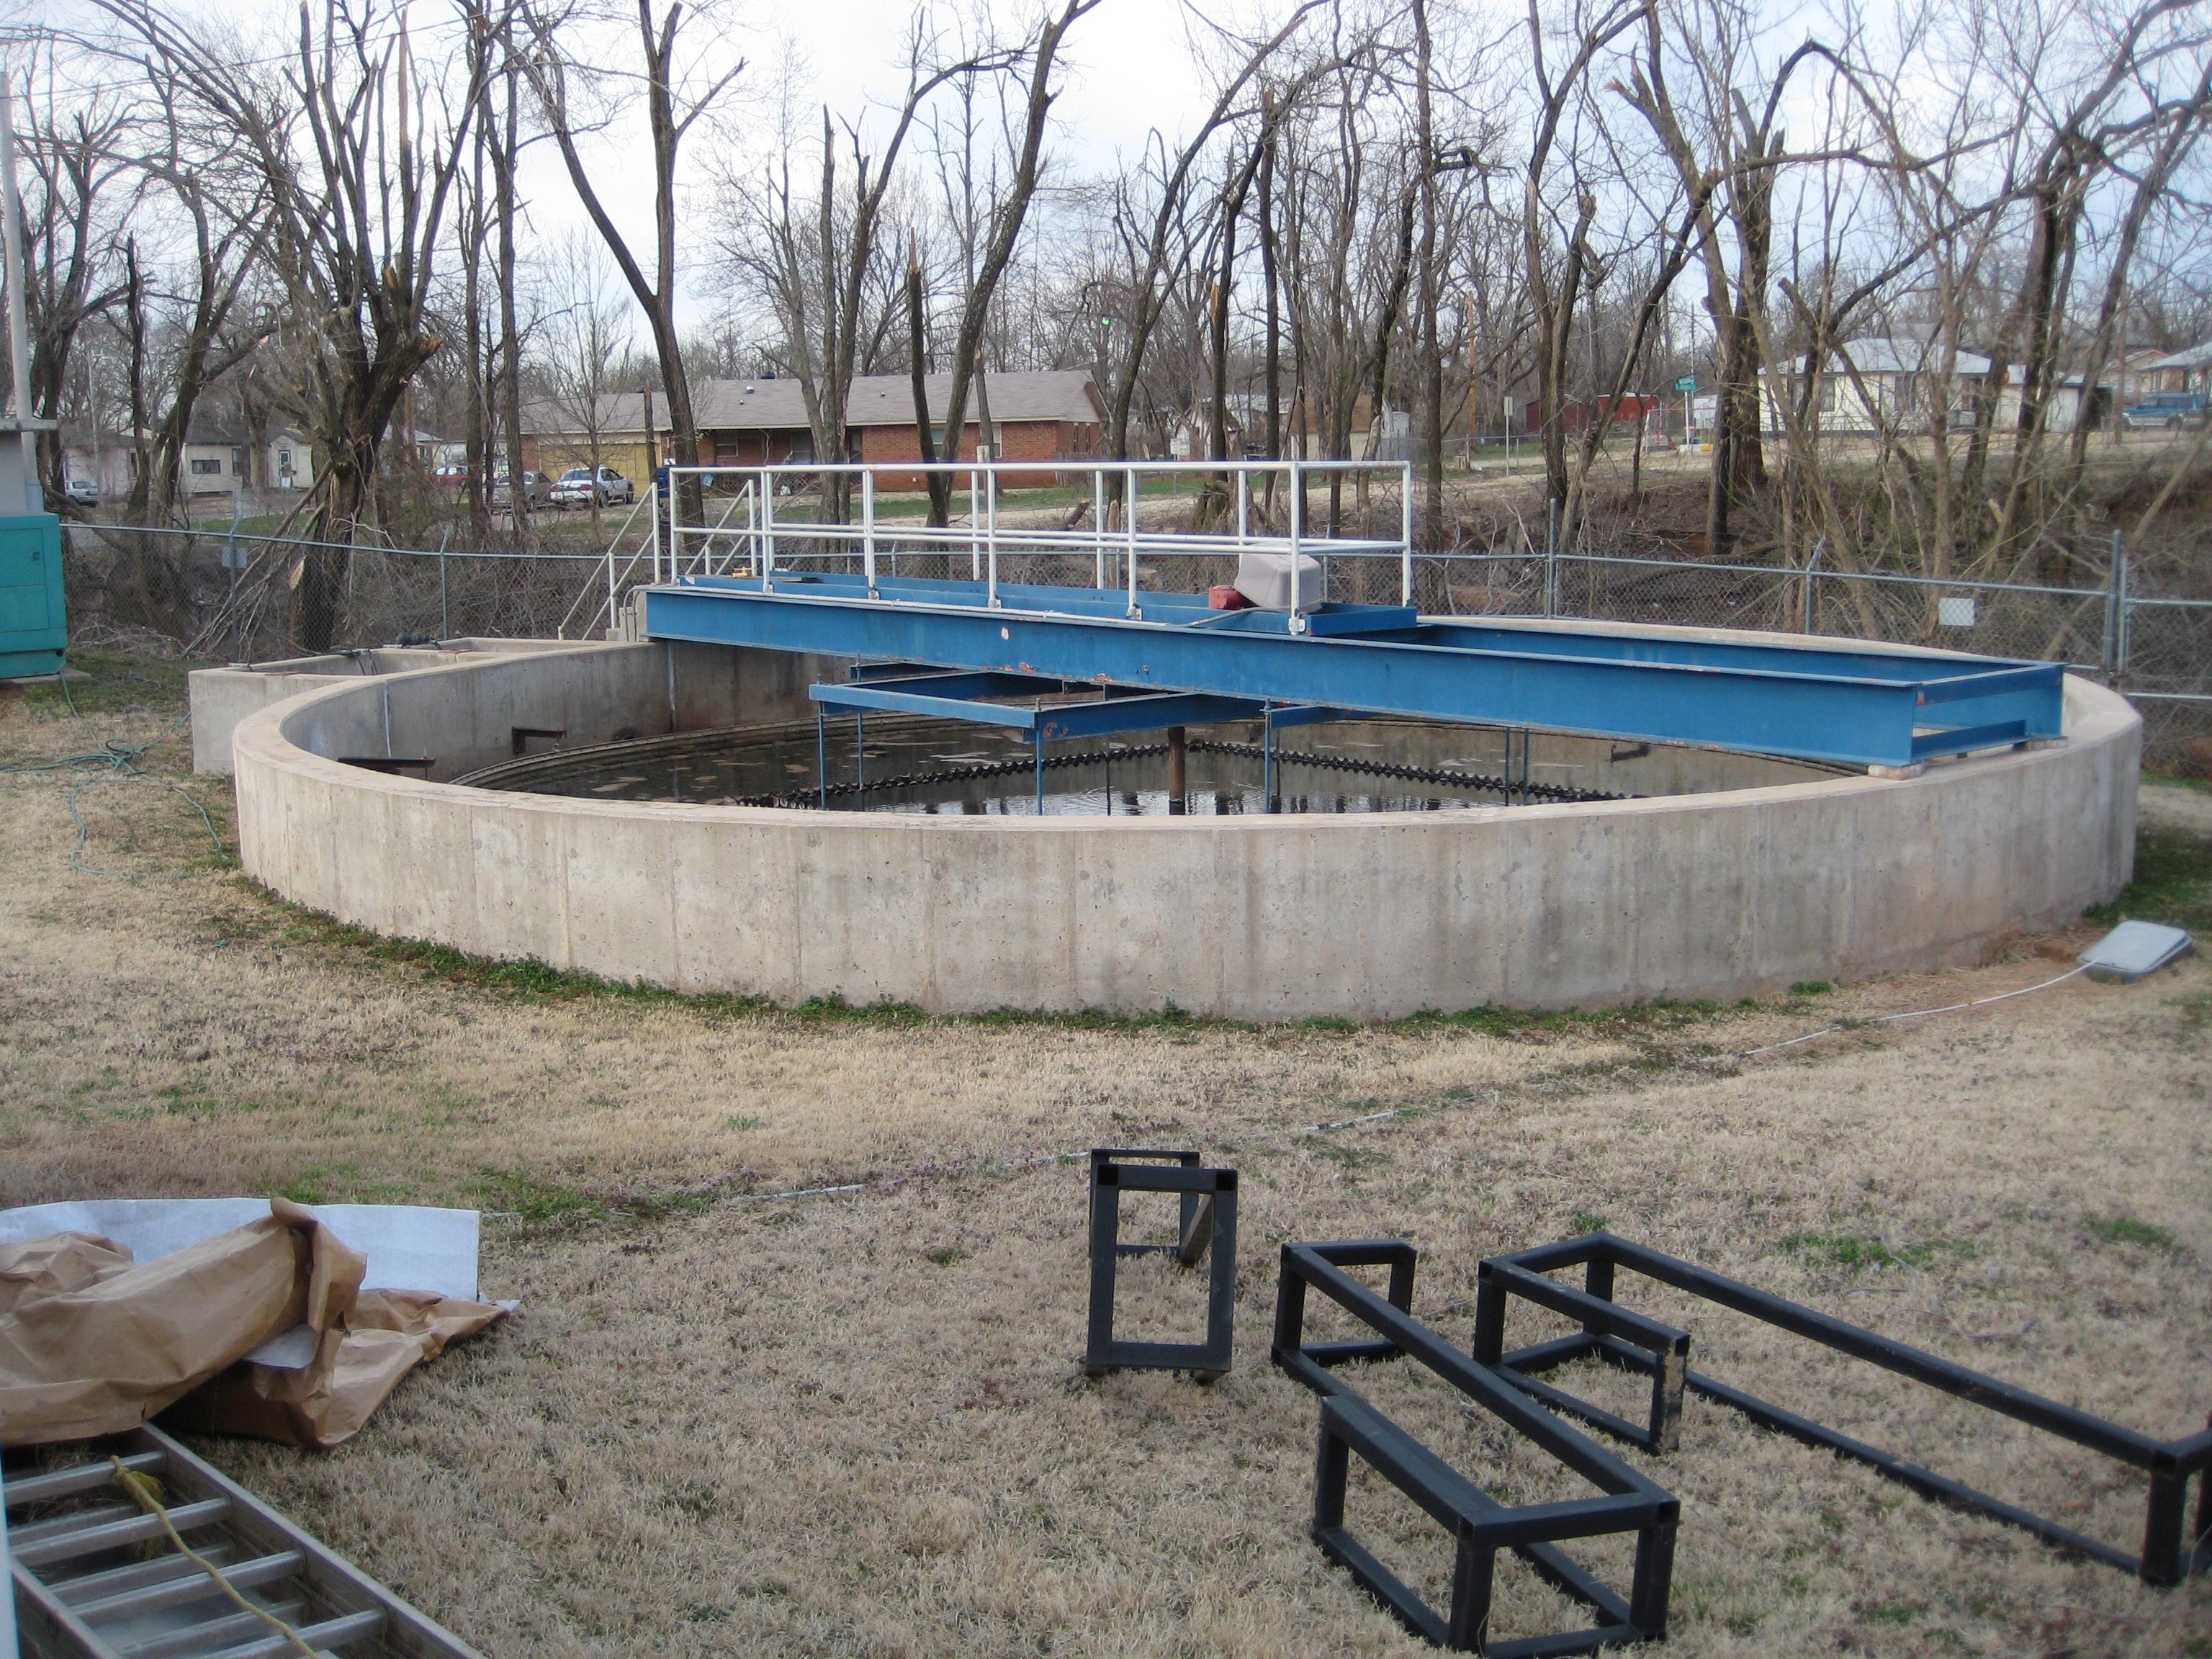 Clarifier and Settlement Tank Maintenance